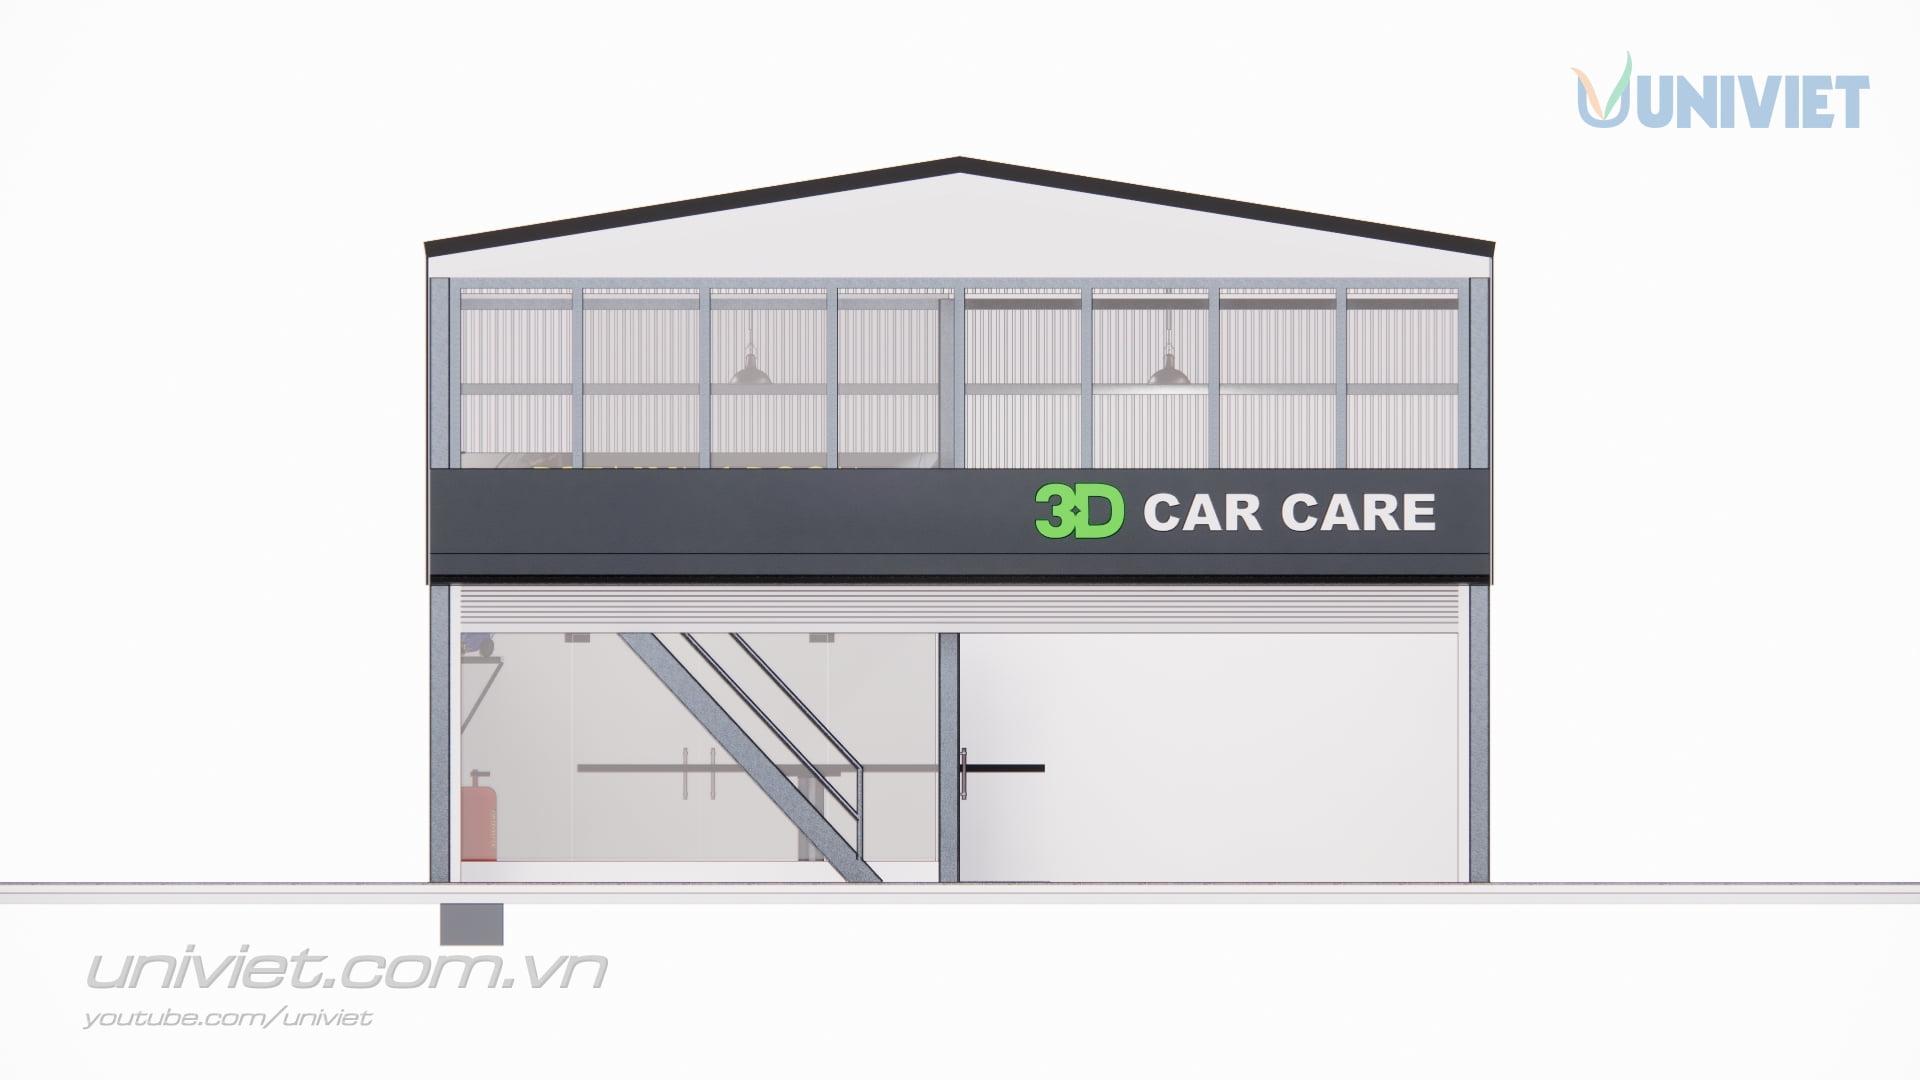 Mô hình 3D Trung tâm chăm sóc xe chuyên nghiệp tại An Giang